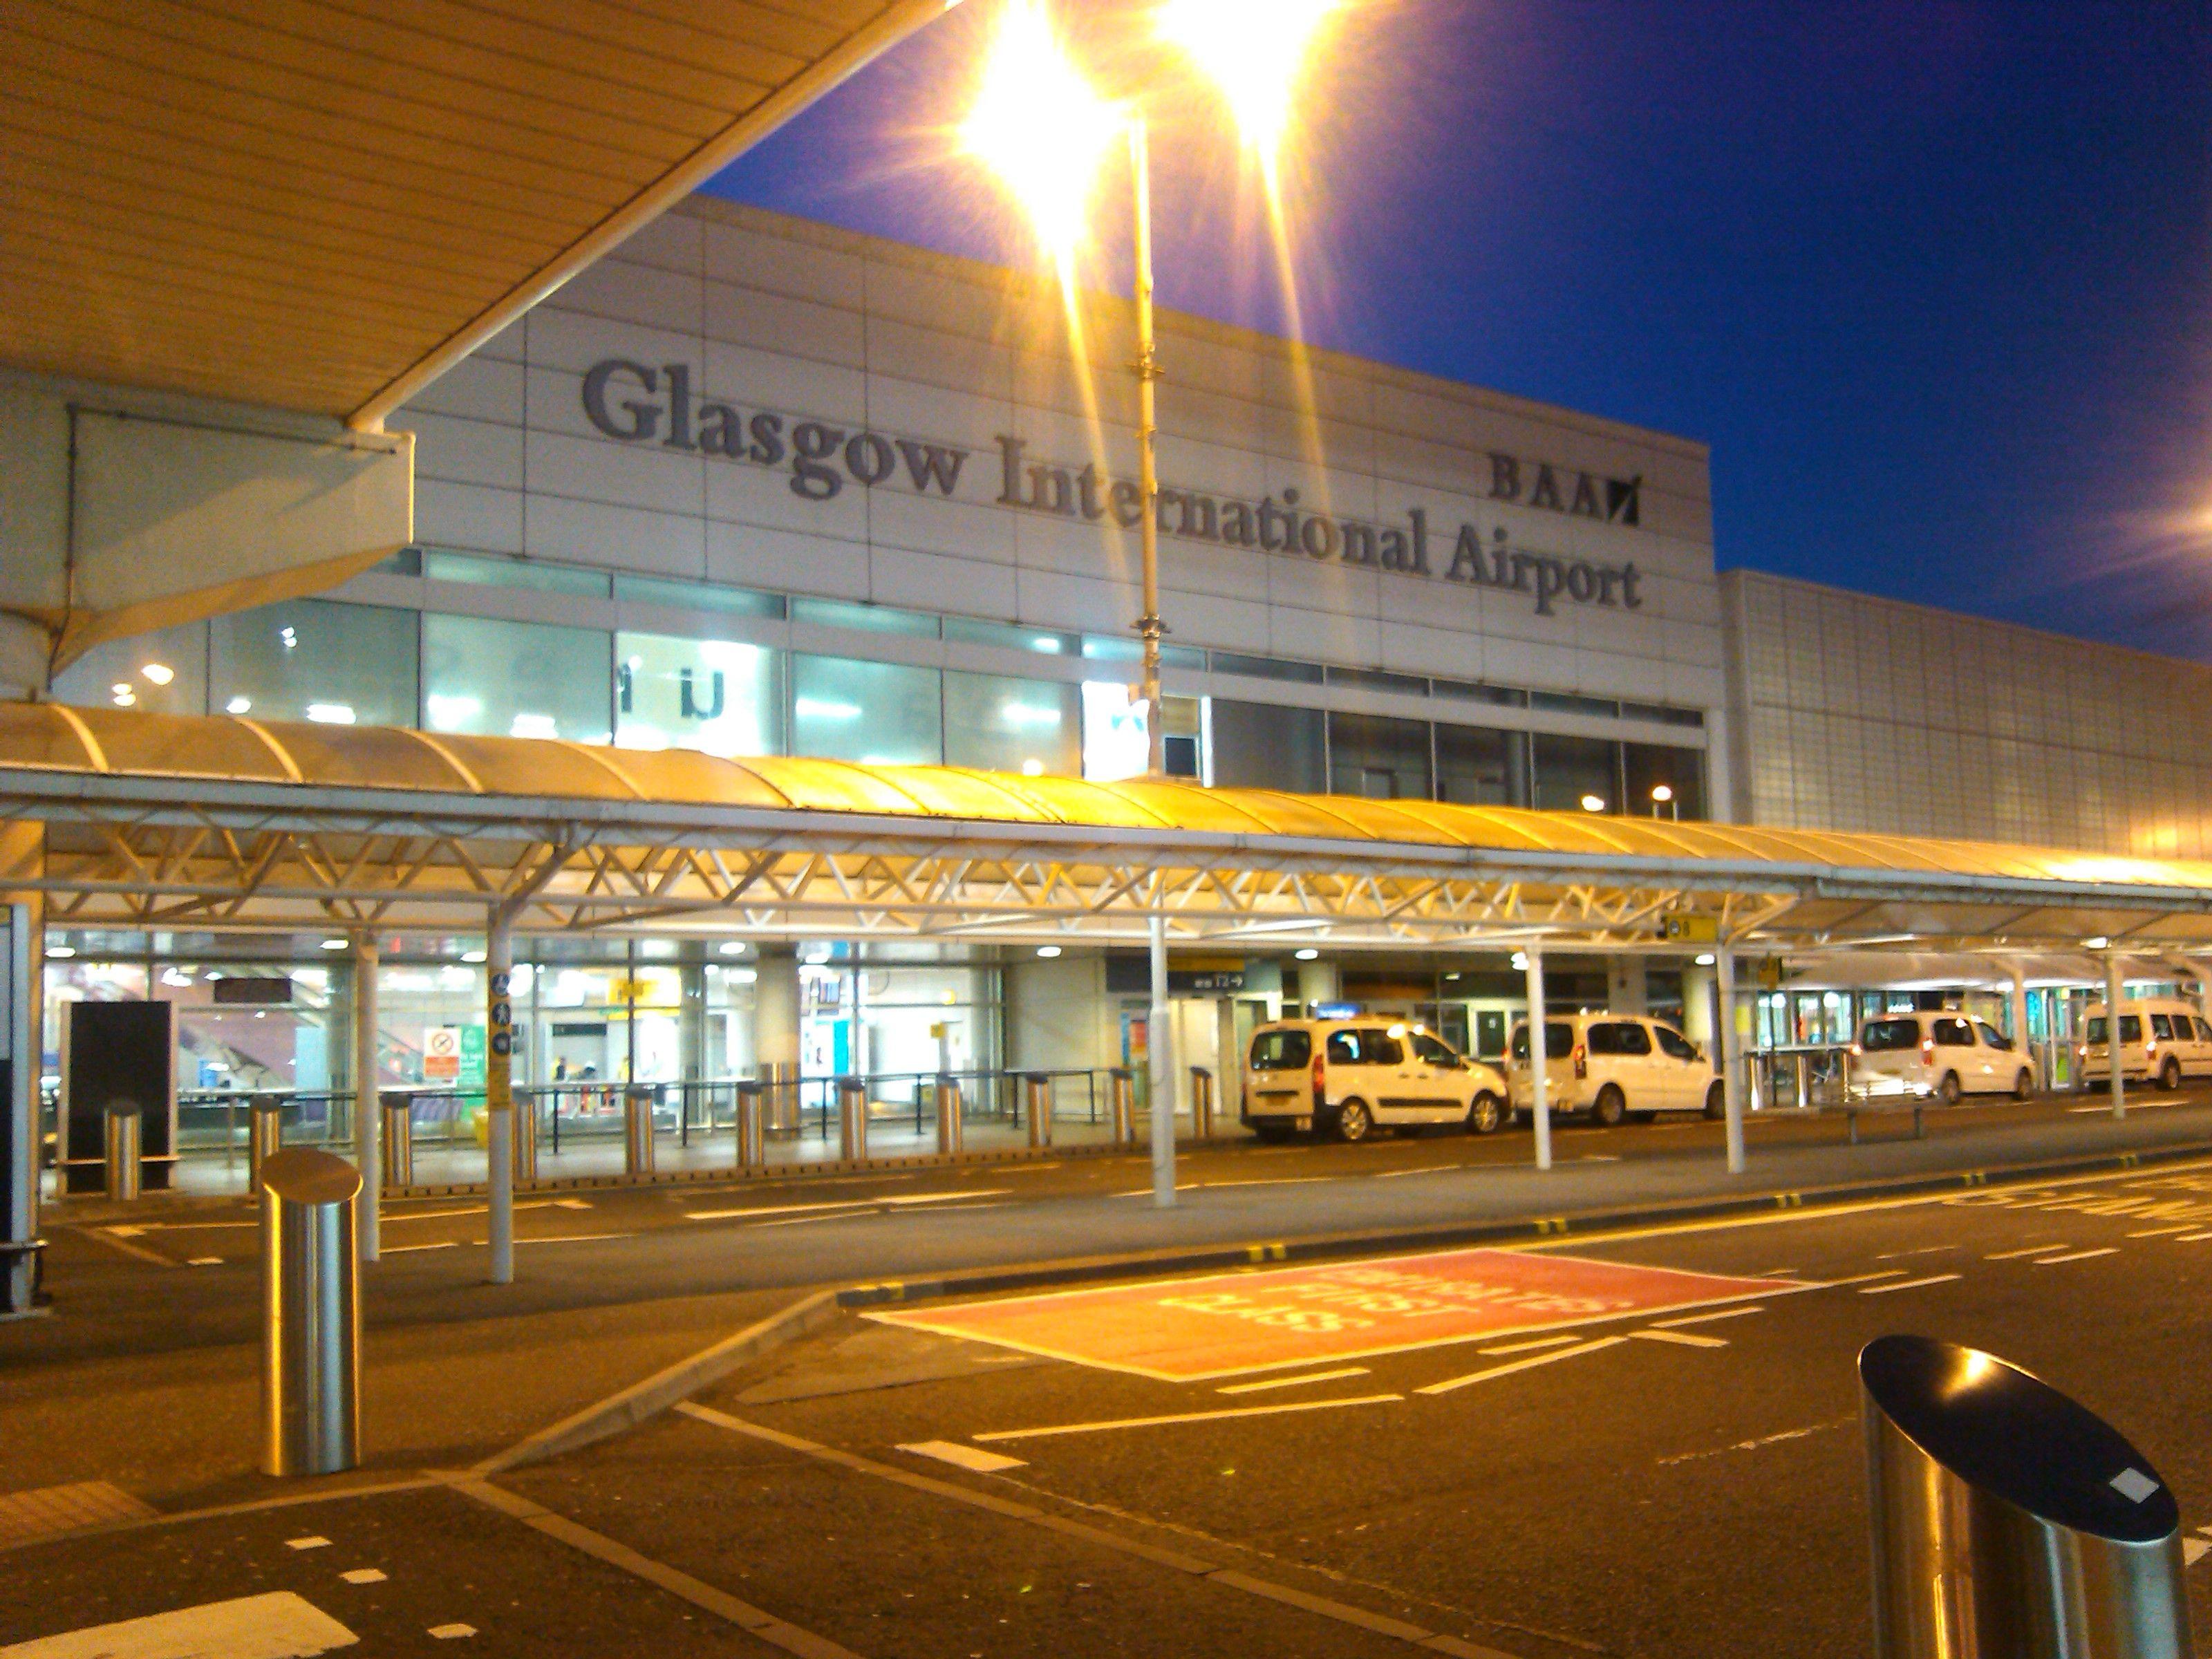 Glasgow International Airport Glasgow Airport Glasgow Glasgow City